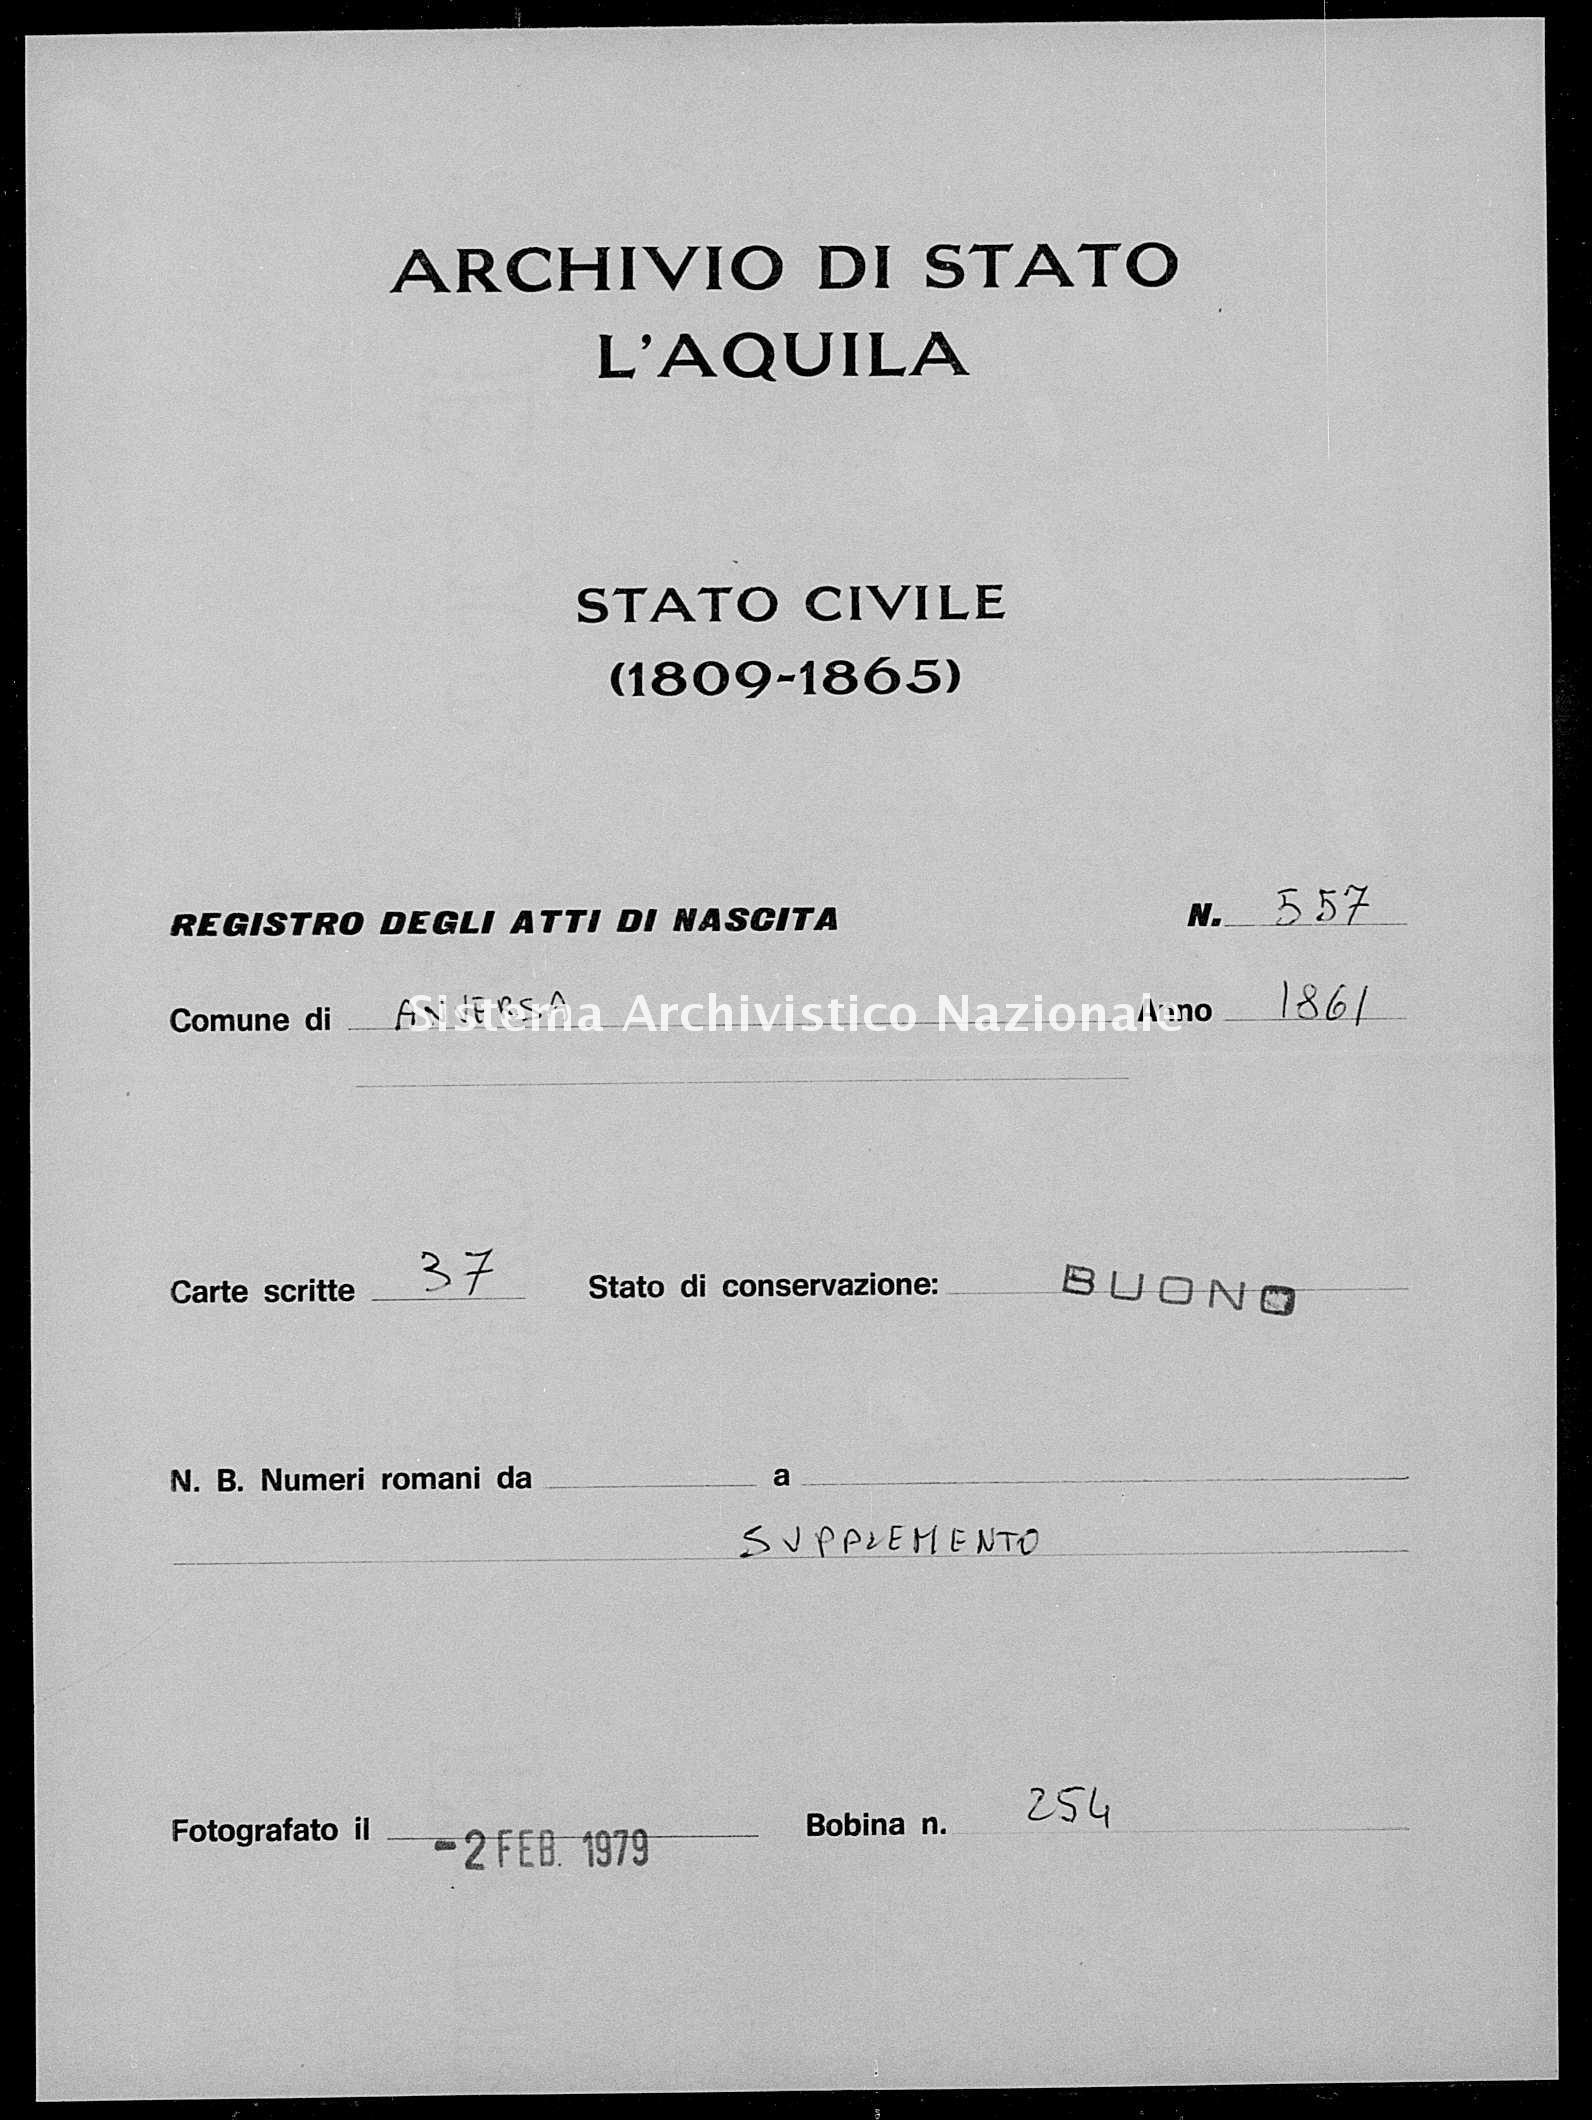 Archivio di stato di L'aquila - Stato civile italiano - Anversa degli Abruzzi - Nati, battesimi - 1861 - 557 -